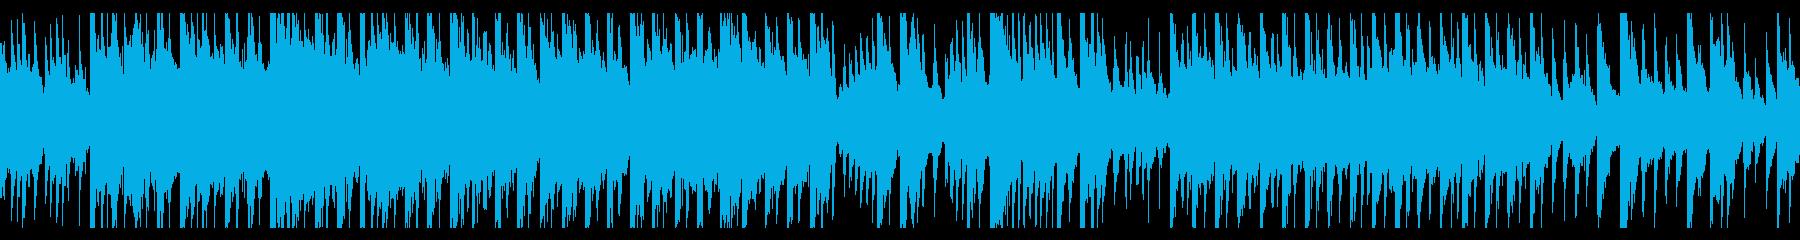 キリっとした和風EDMの再生済みの波形